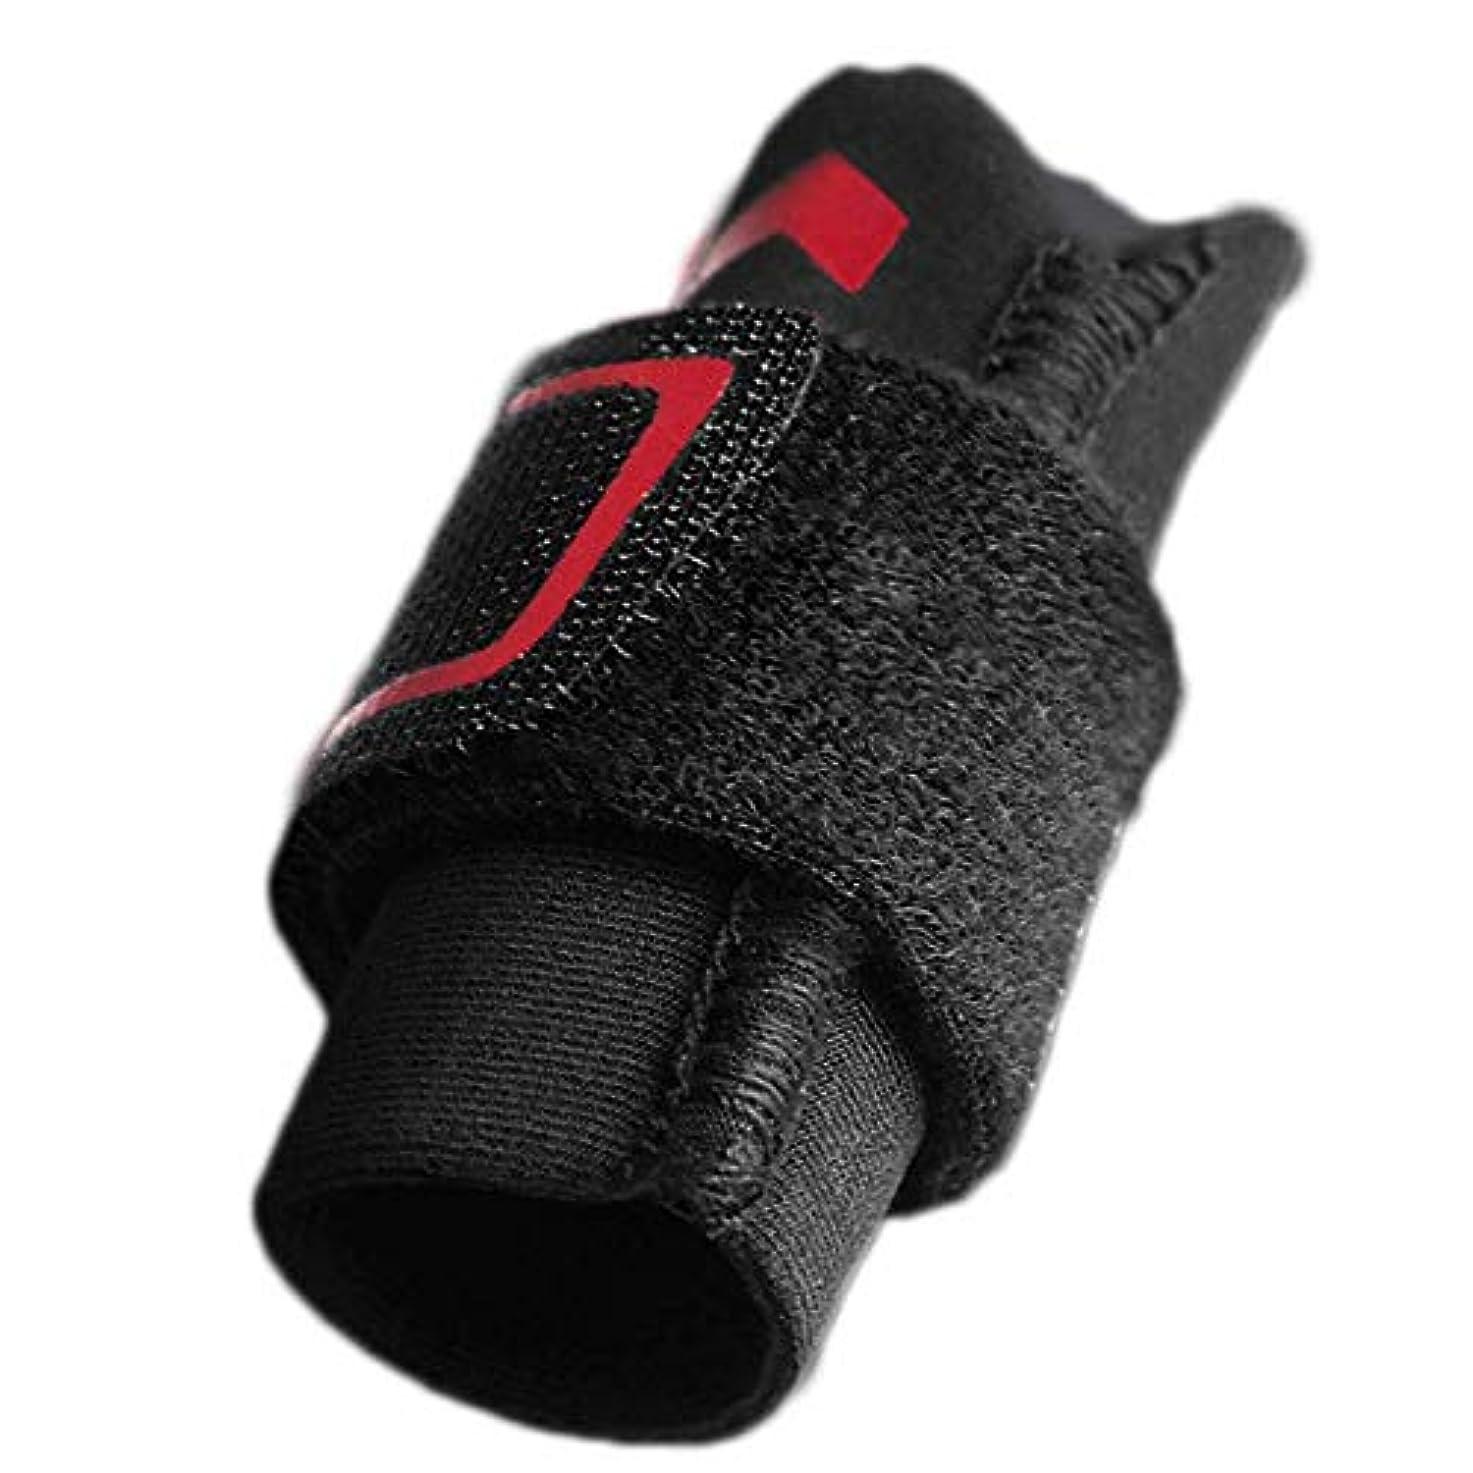 ミケランジェロ降臨そこから指の損傷のサポート、指スリーブのサポートプロテクターの指の添え木、調整可能なベルクロ、関節痛の緩和,L